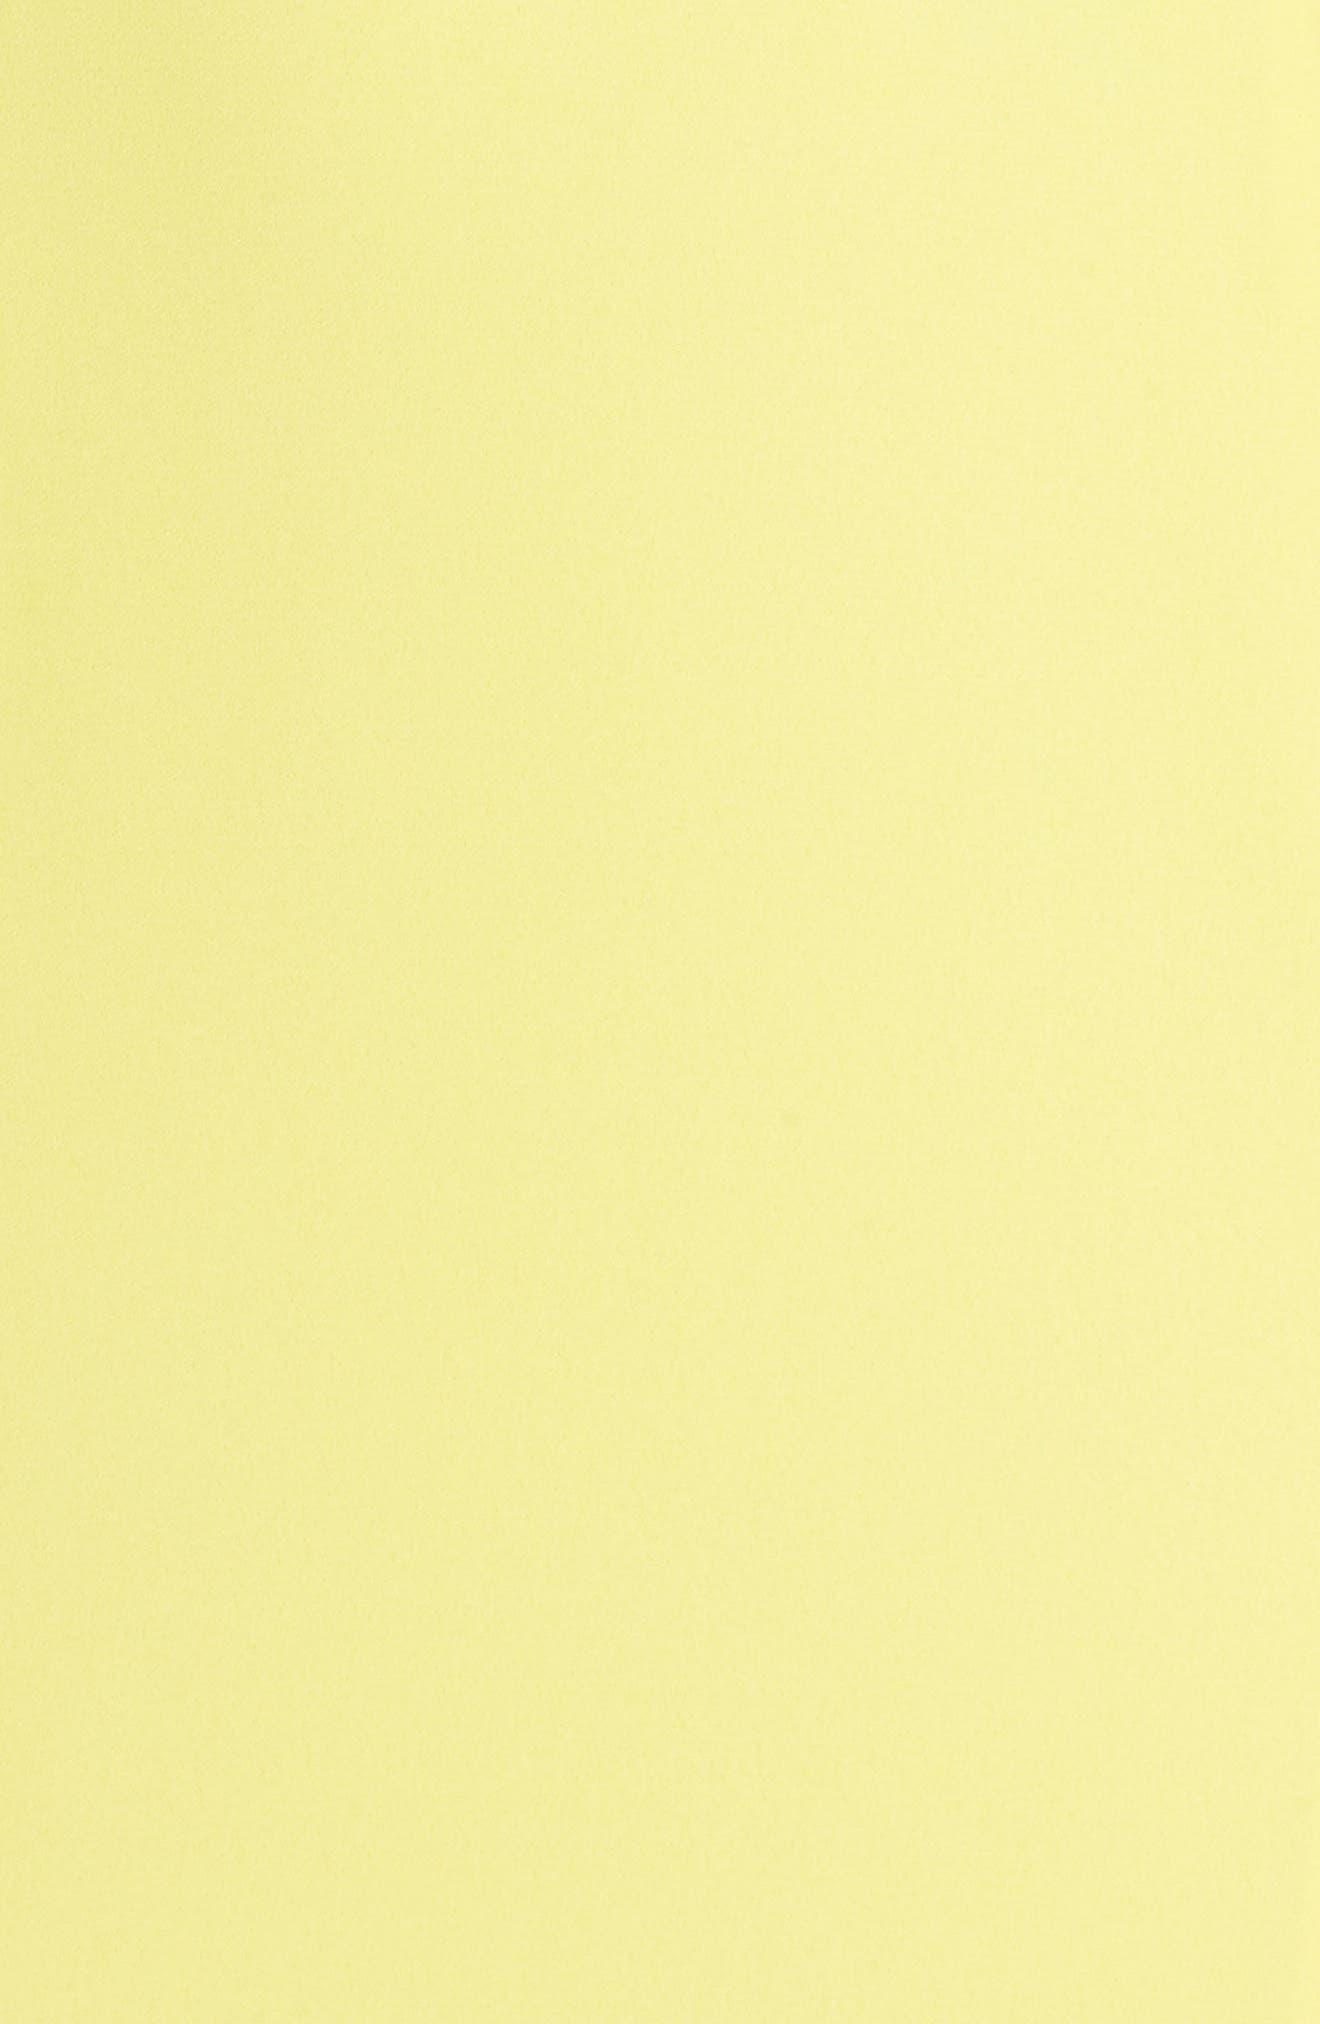 Lara Lace-Up Georgette Gown,                             Alternate thumbnail 6, color,                             Lemon